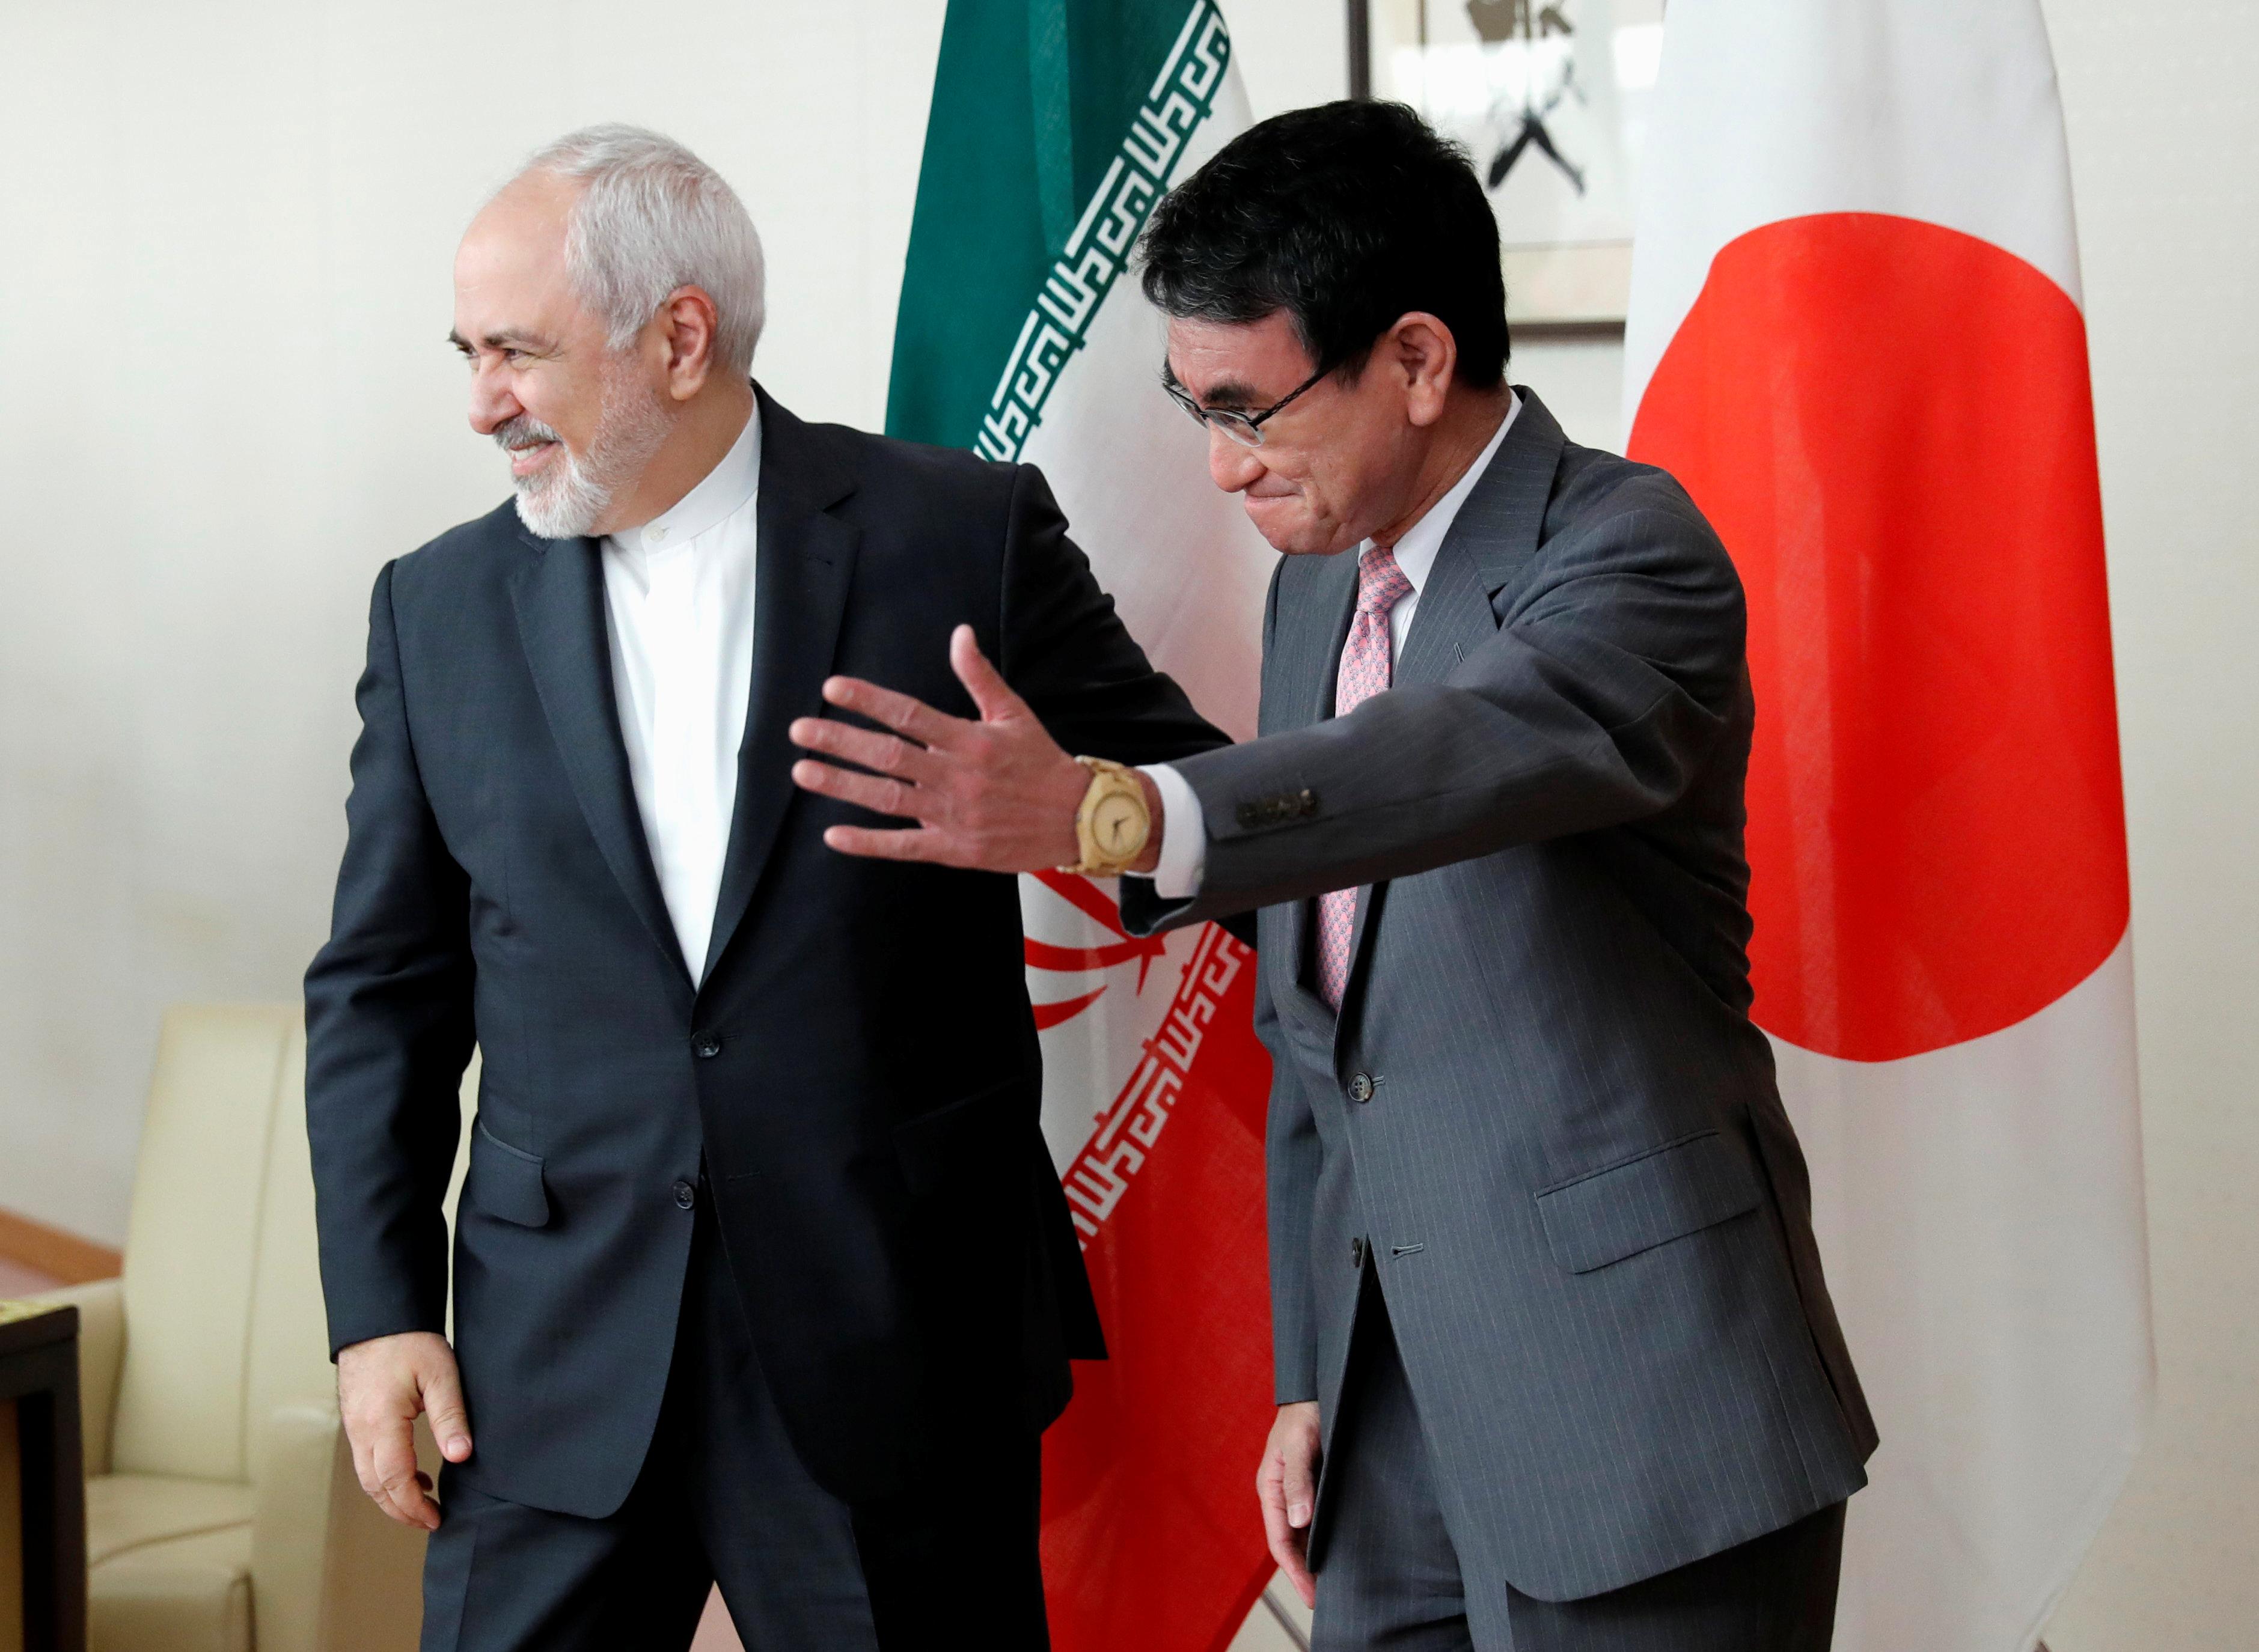 وزير خارجية اليابان يرحب بنظيره الإيرانى